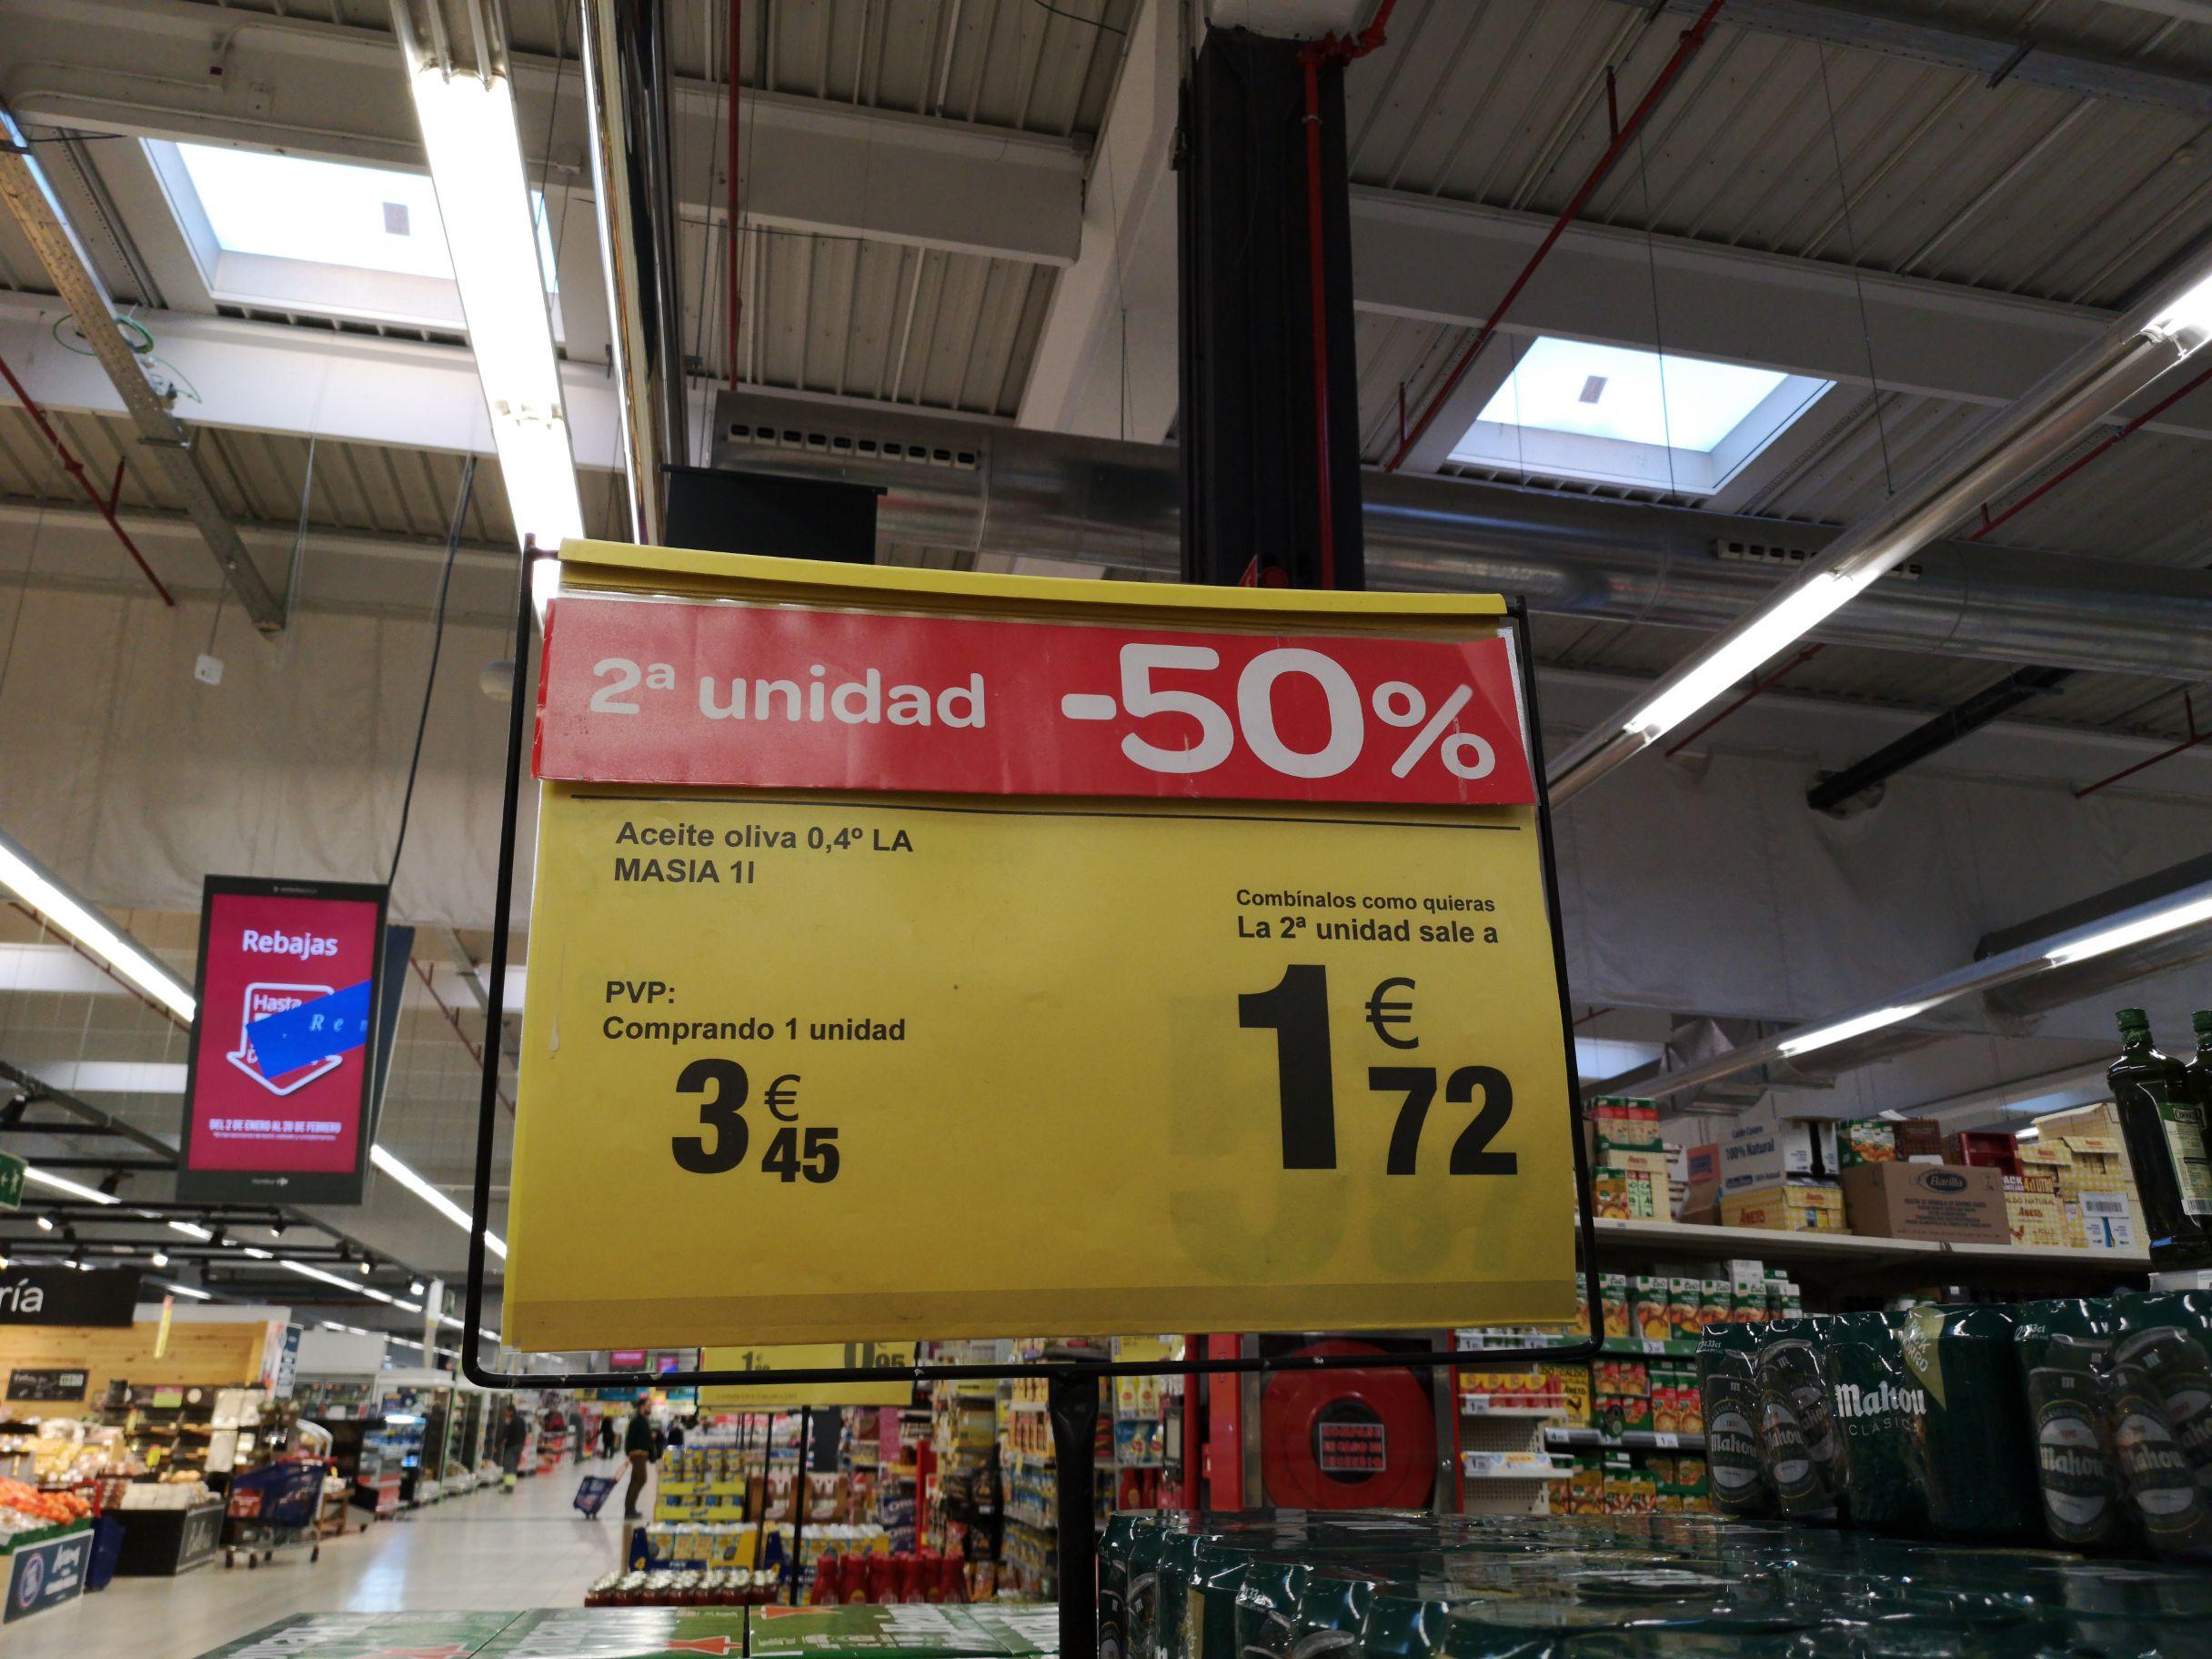 Carrefour_2 unidades de aceite oliva la masía 1 litro.